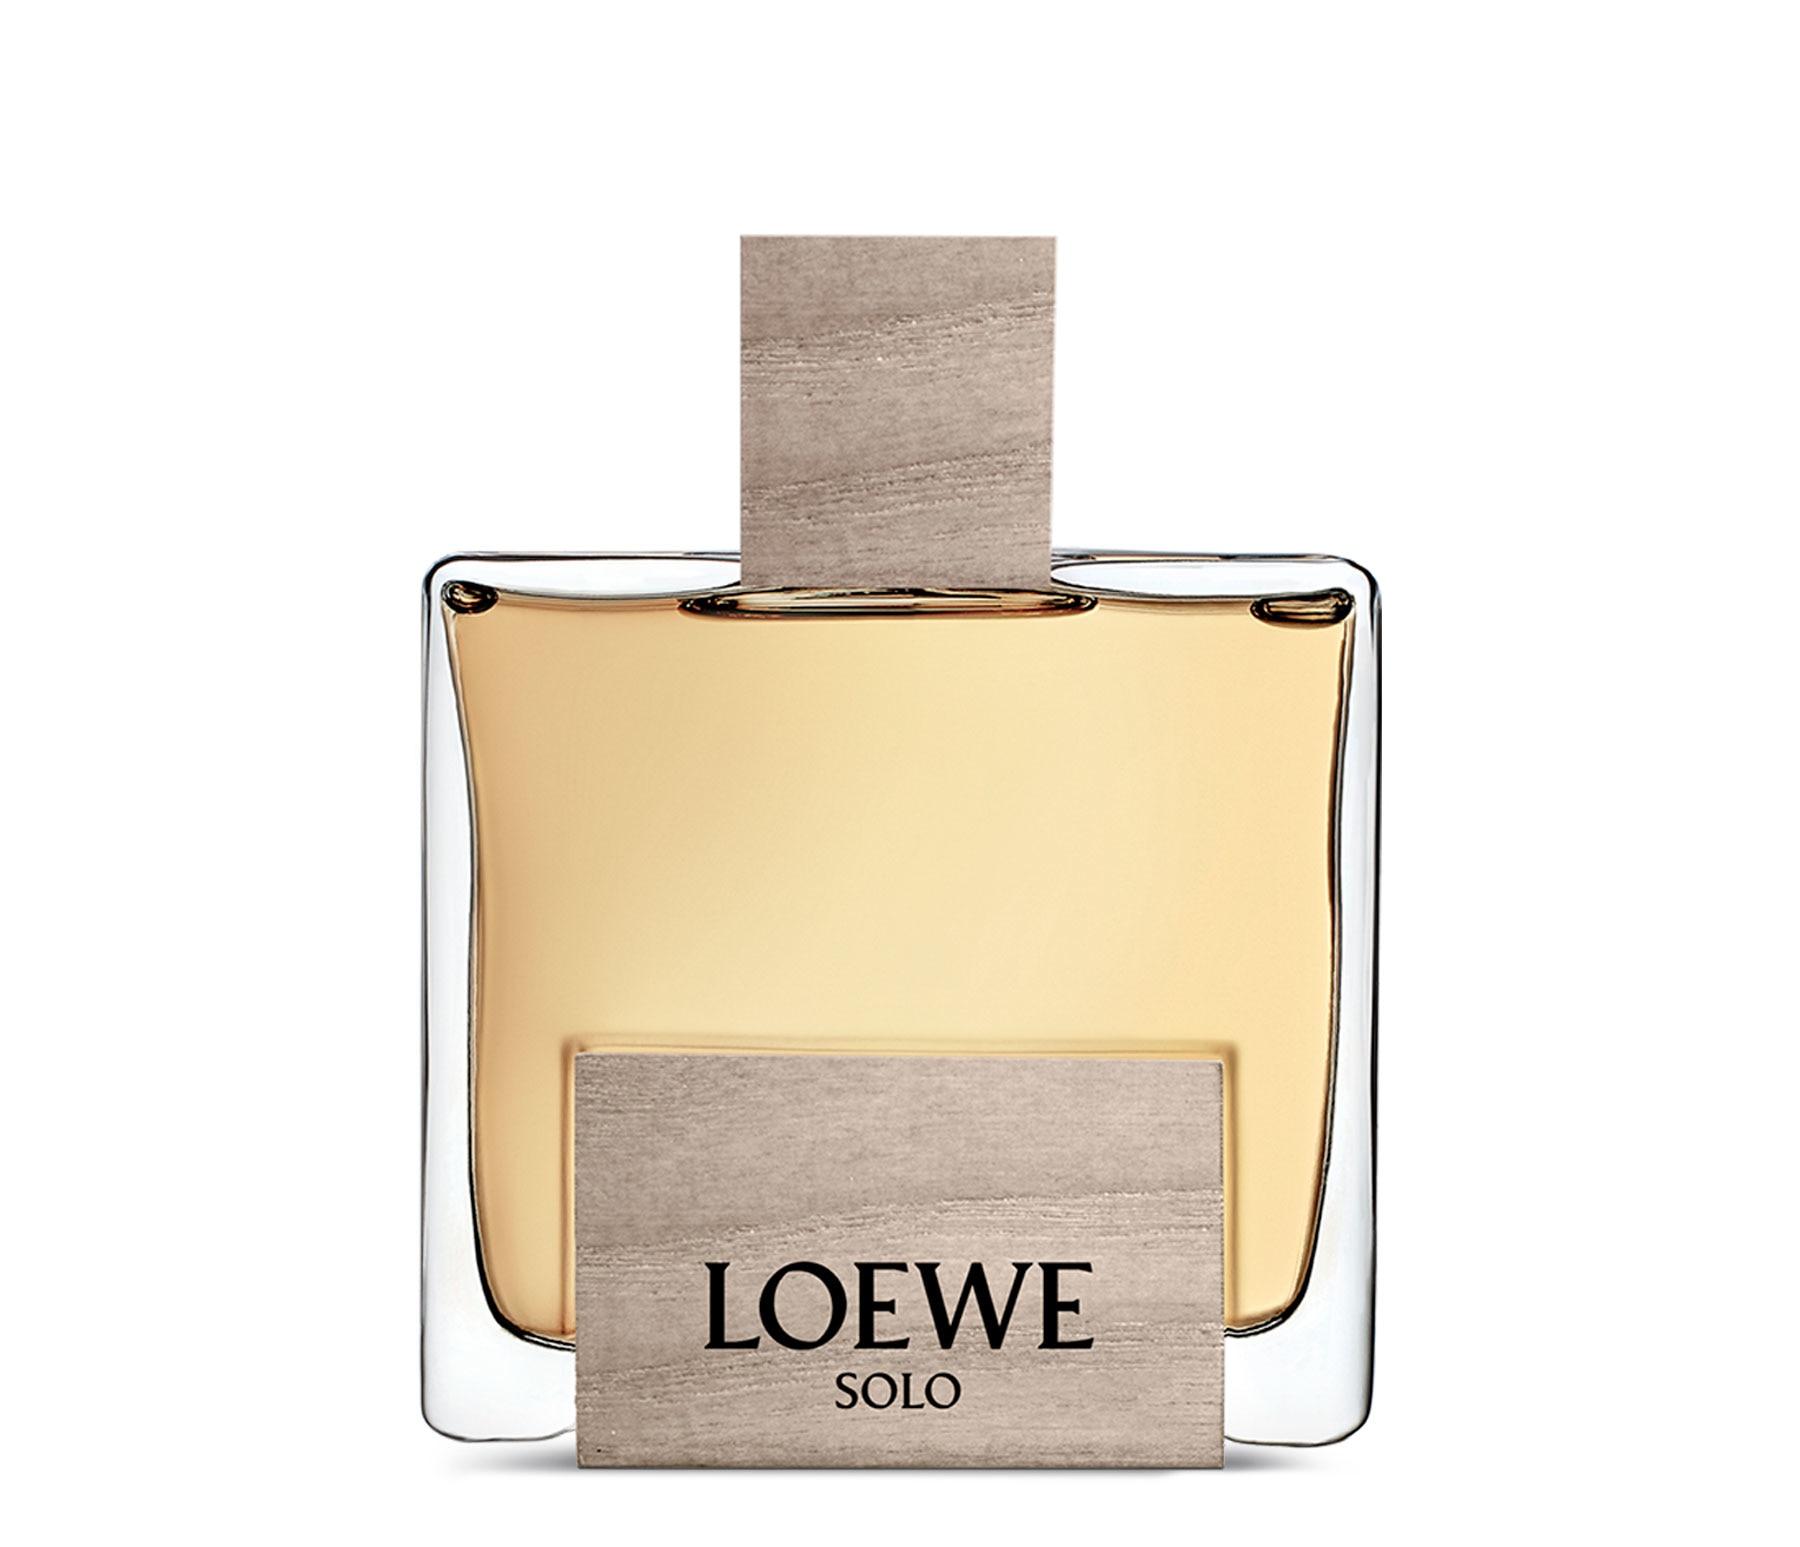 LOEWE SOLO CEDRO EAU DE TOILETTE 100 ML